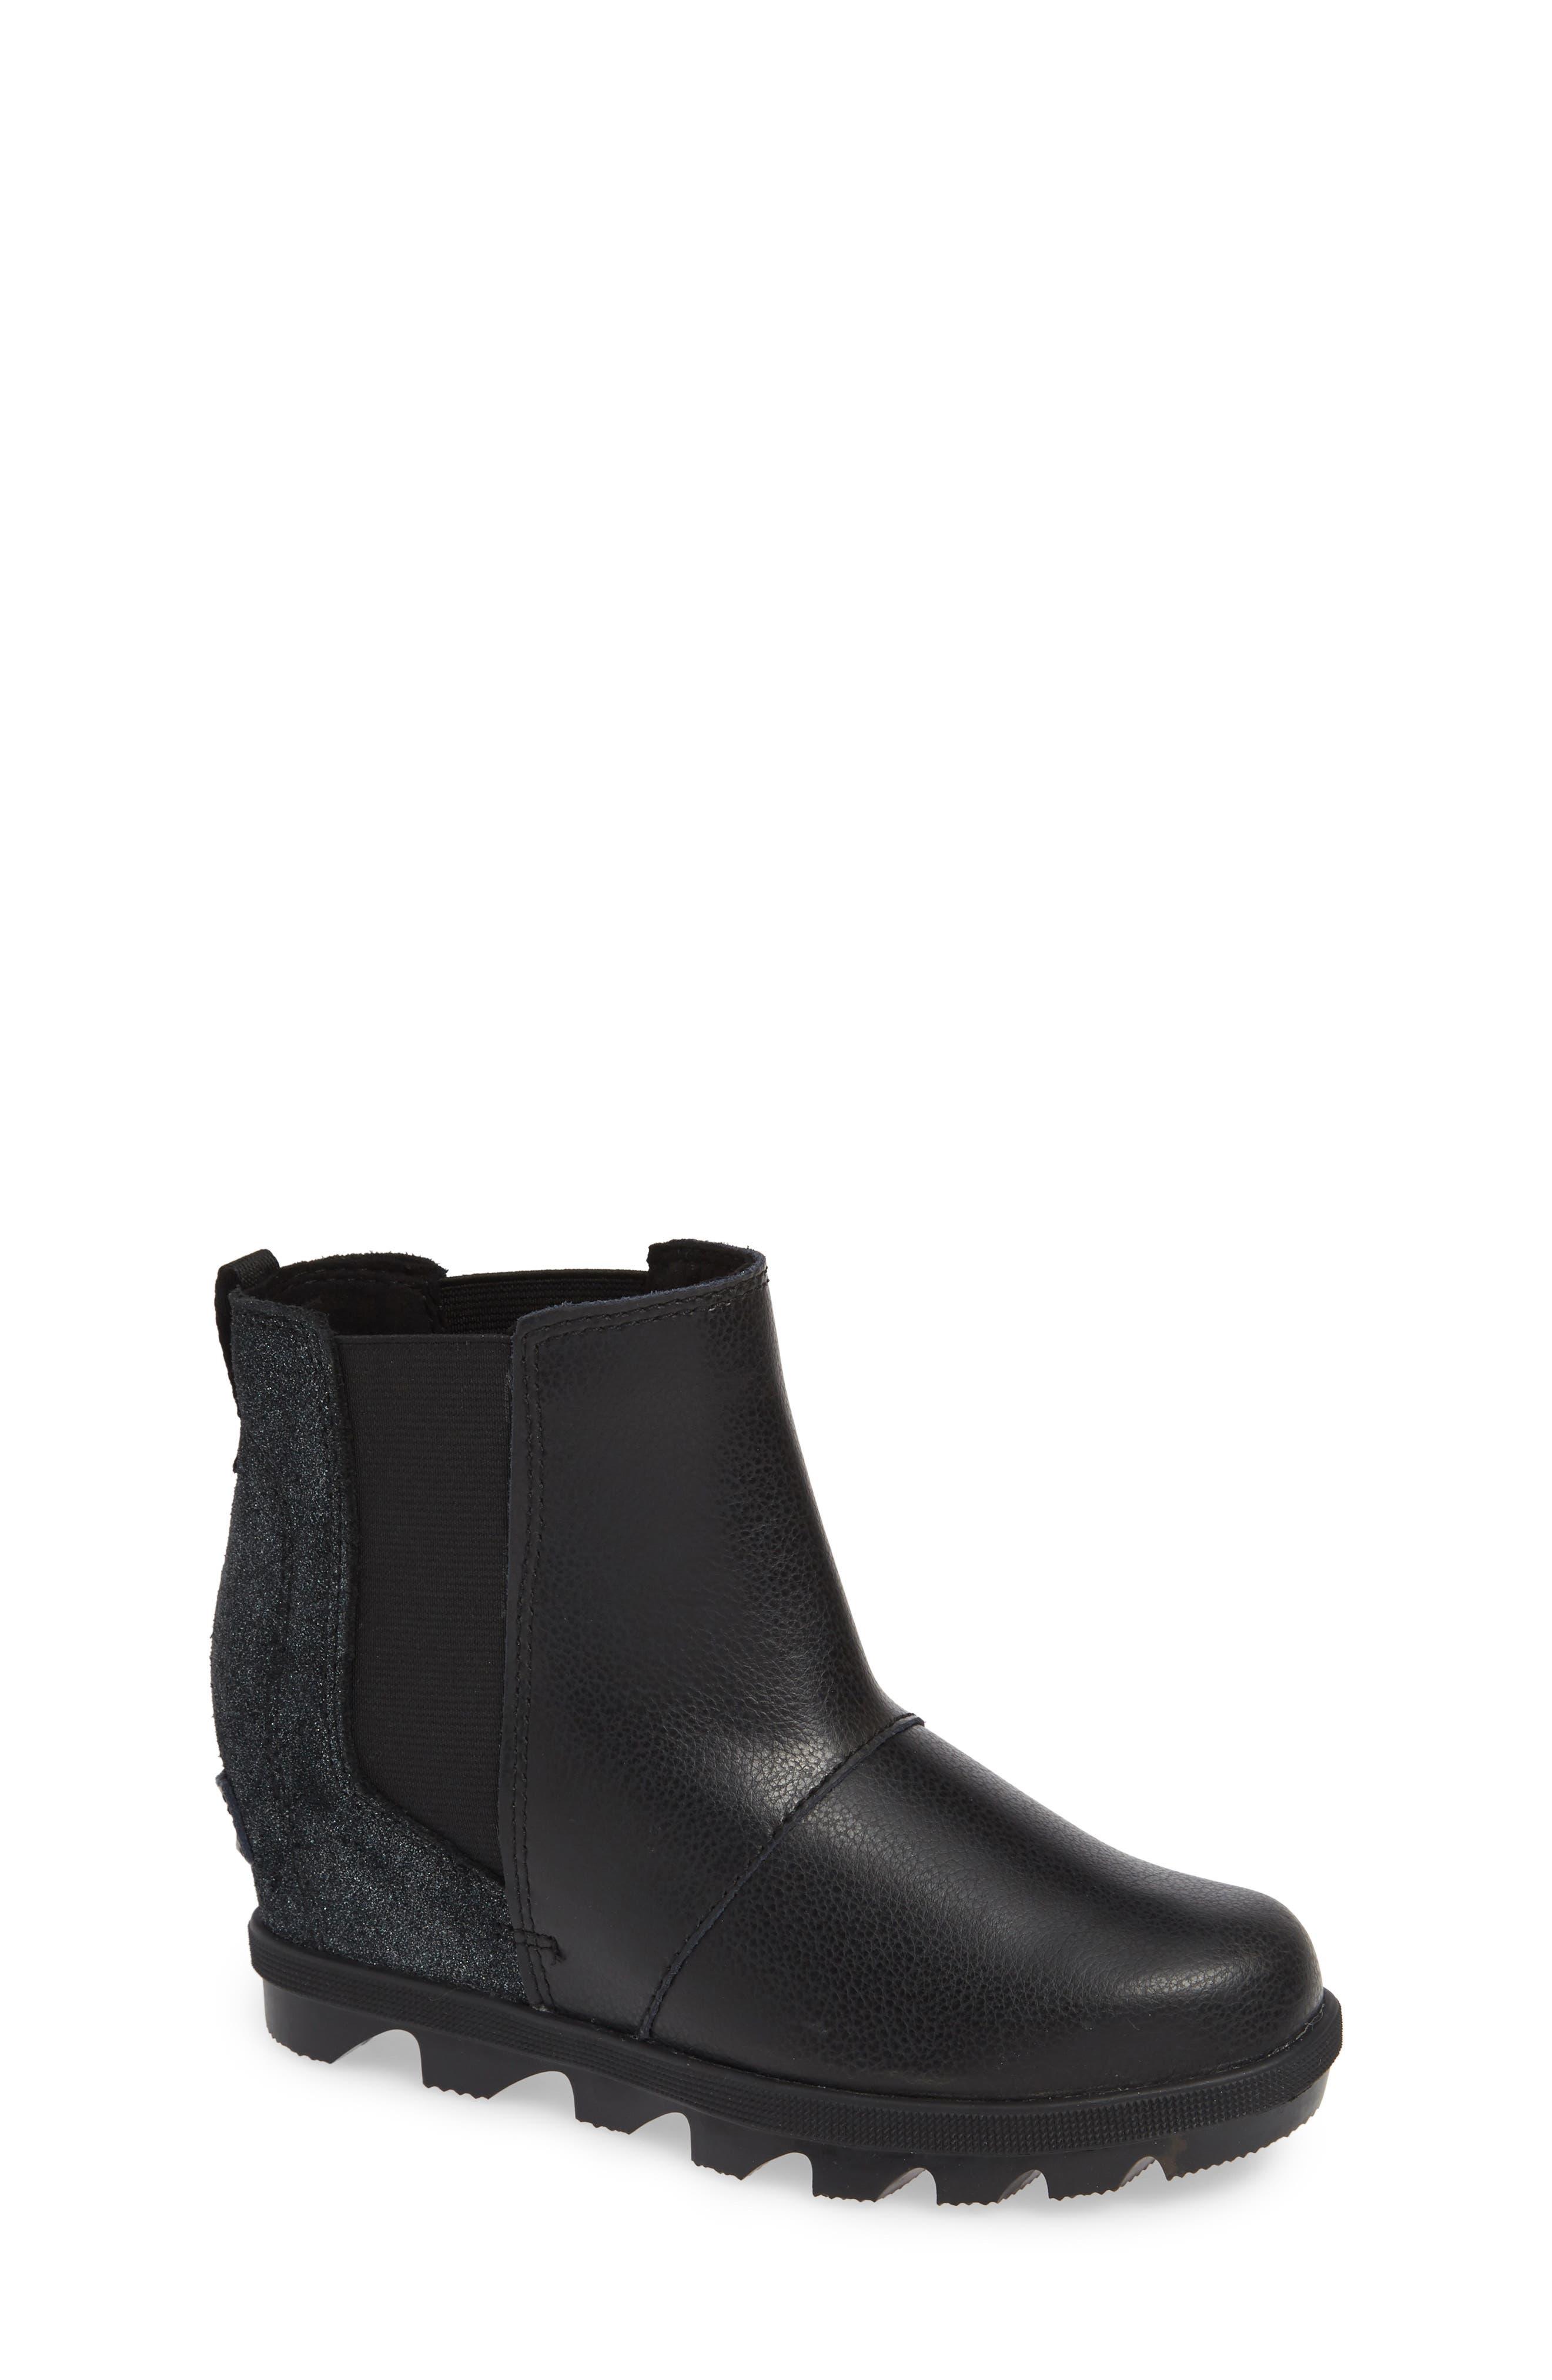 Joan of Arc II Waterproof Wedge Chelsea Boot,                         Main,                         color, BLACK